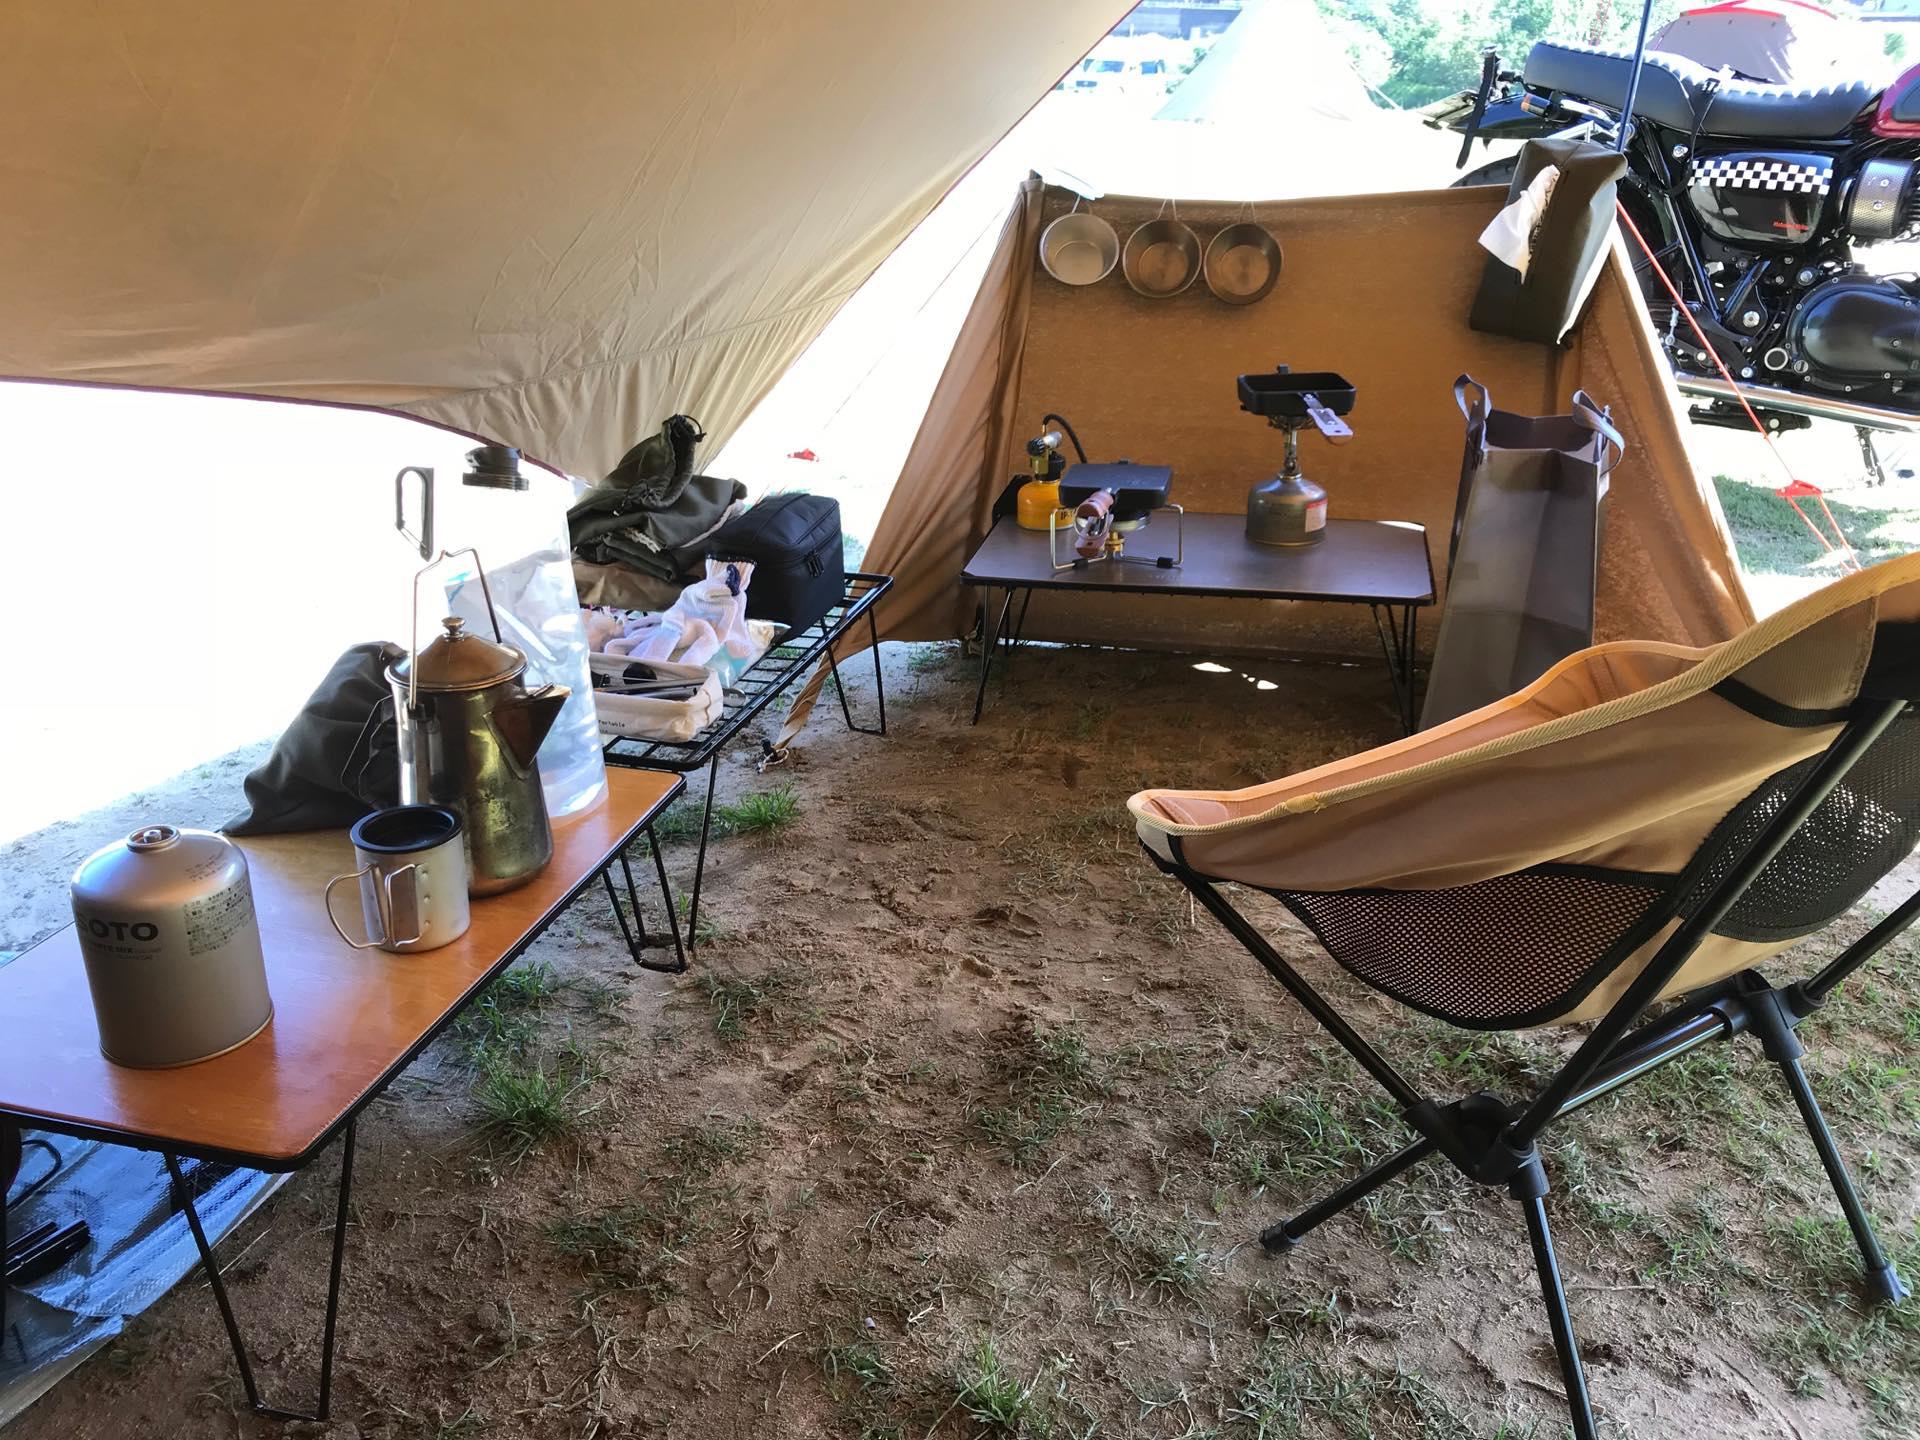 ソロキャンプ道具リストの買い替え歴をまとめてみた